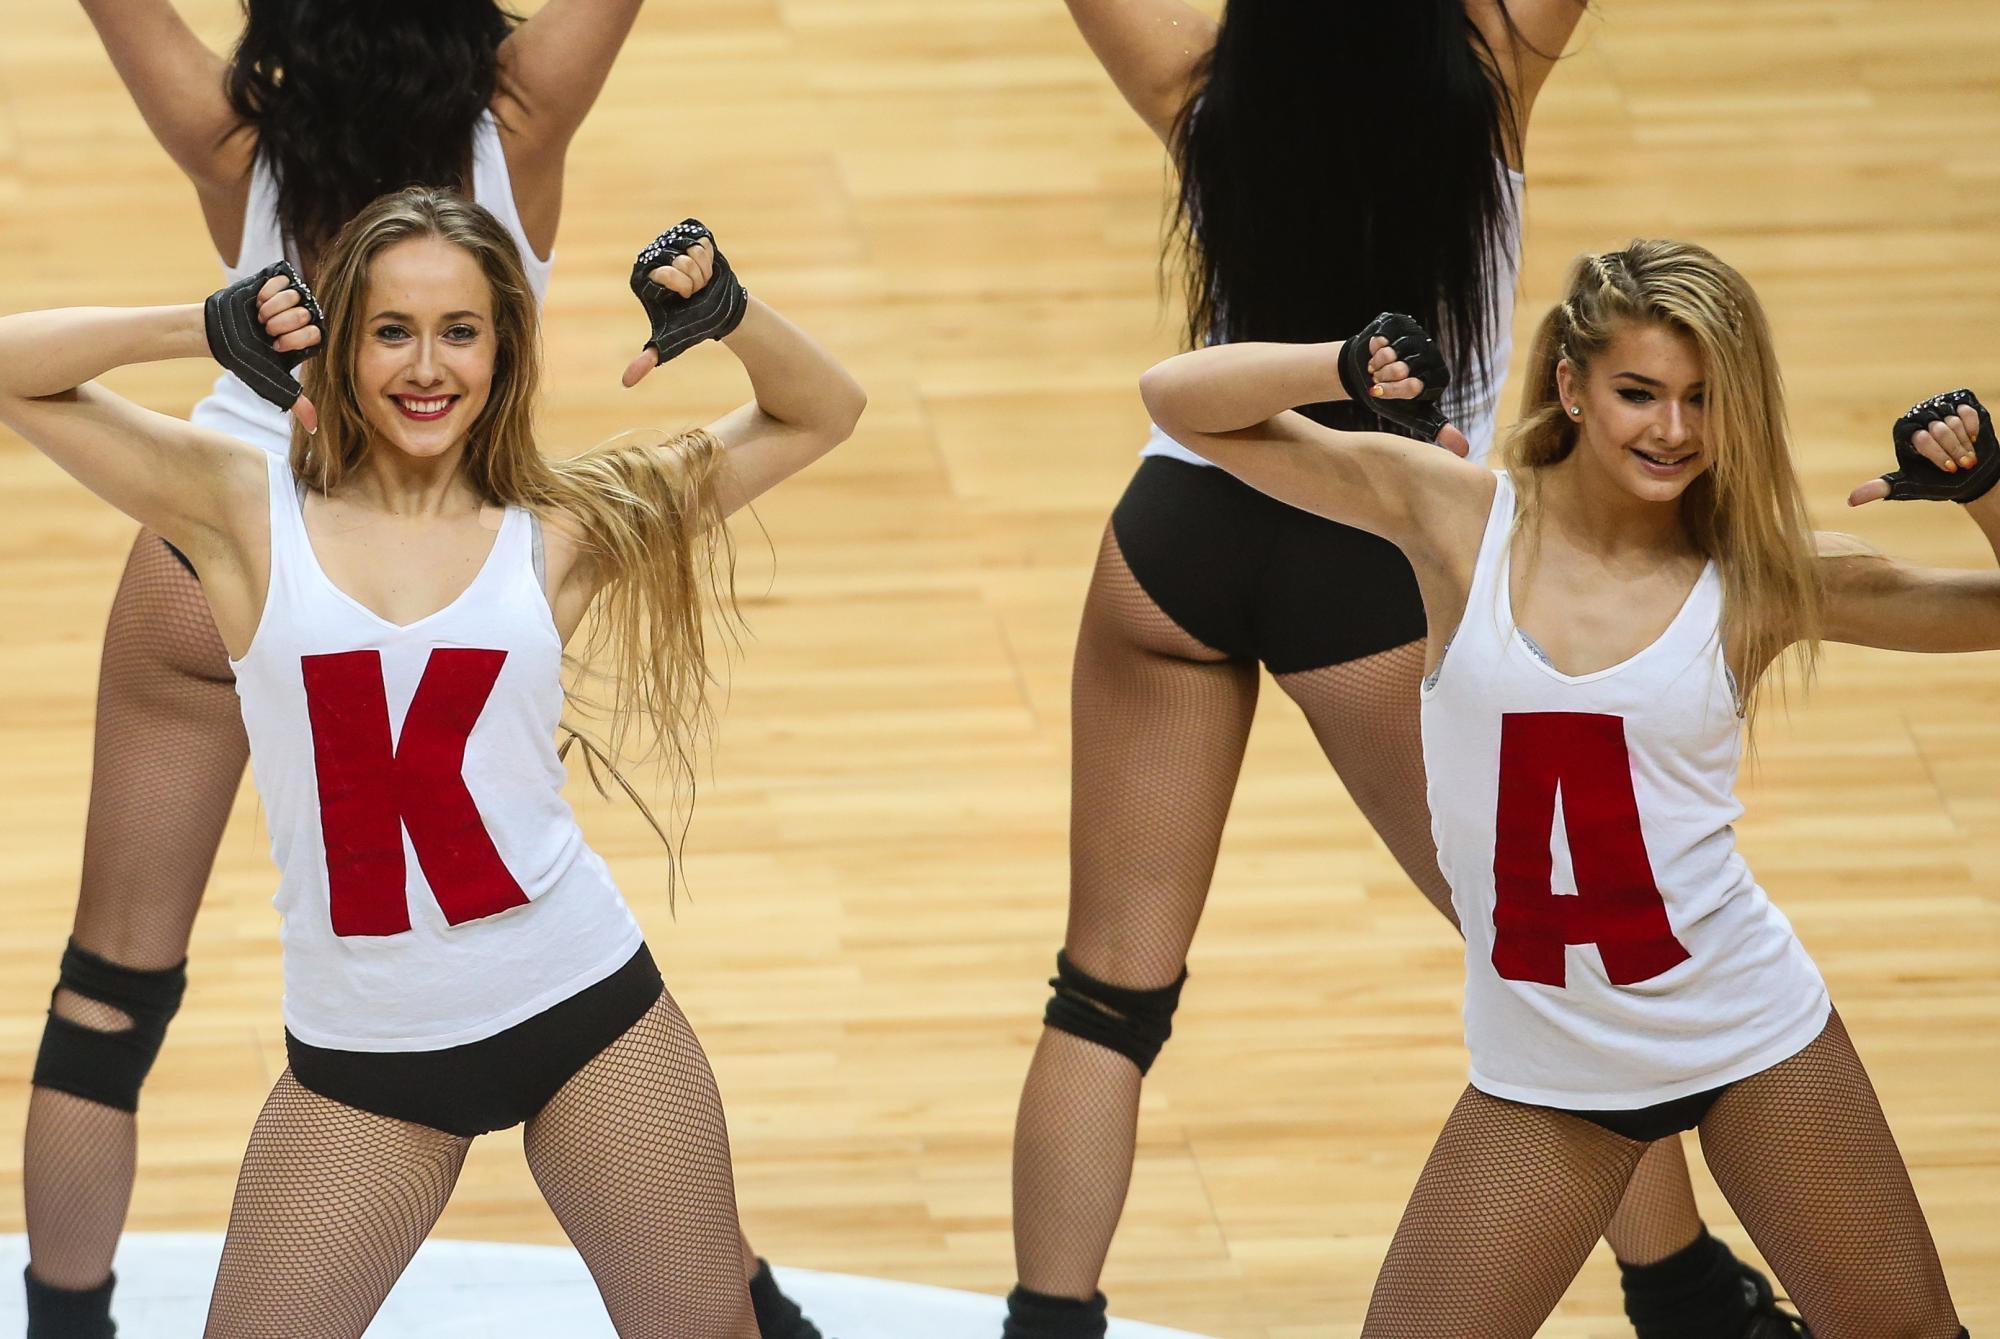 группа поддержки цска баскетбол фото качестве лицевой части